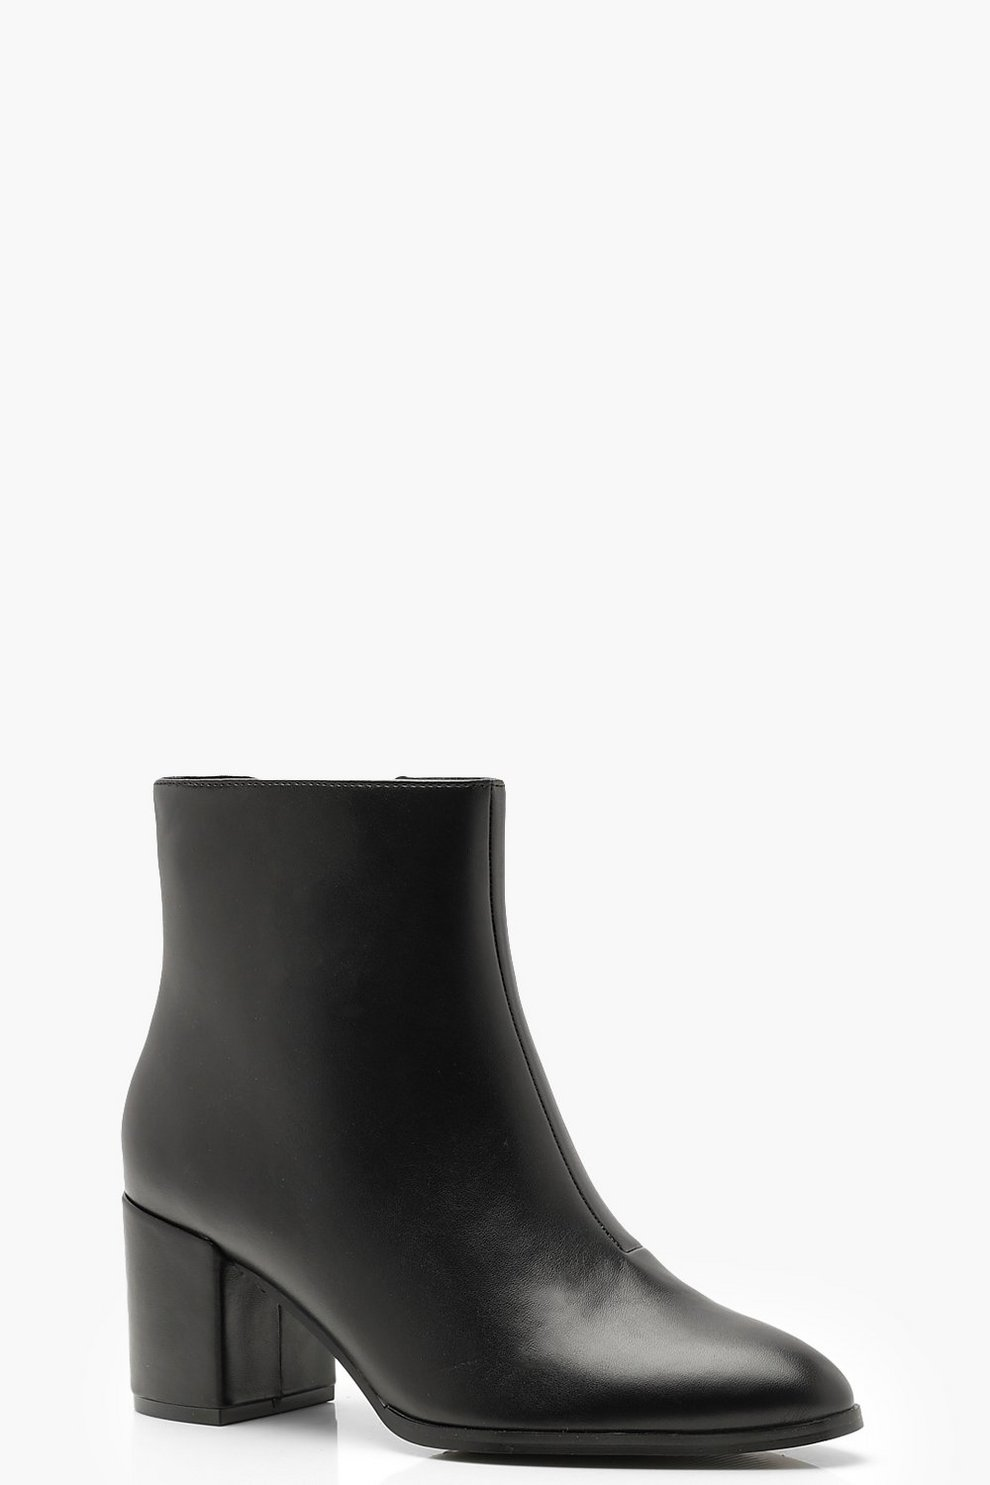 eb8deed3c219 Wide Fit Block Heel Shoe Boots